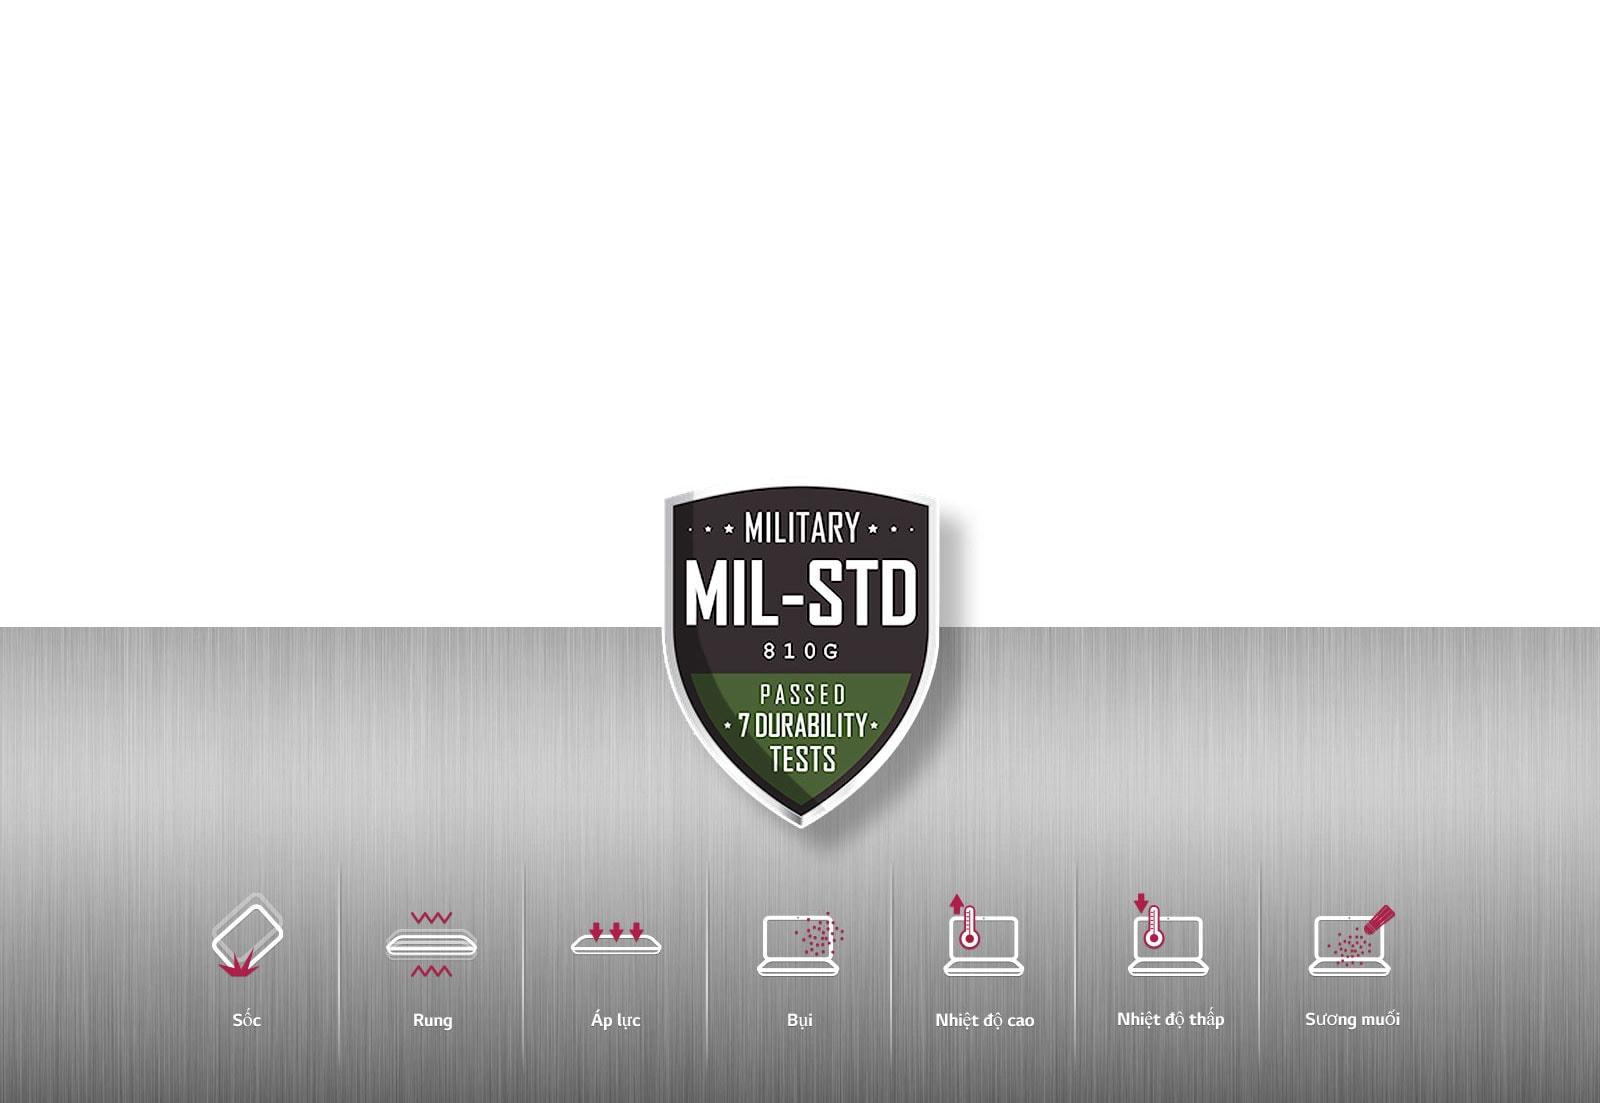 Vượt qua bài kiểm tra khắt khe theo tiêu chuẩn MIL-STD-810G về độ bền và độ tin cậy